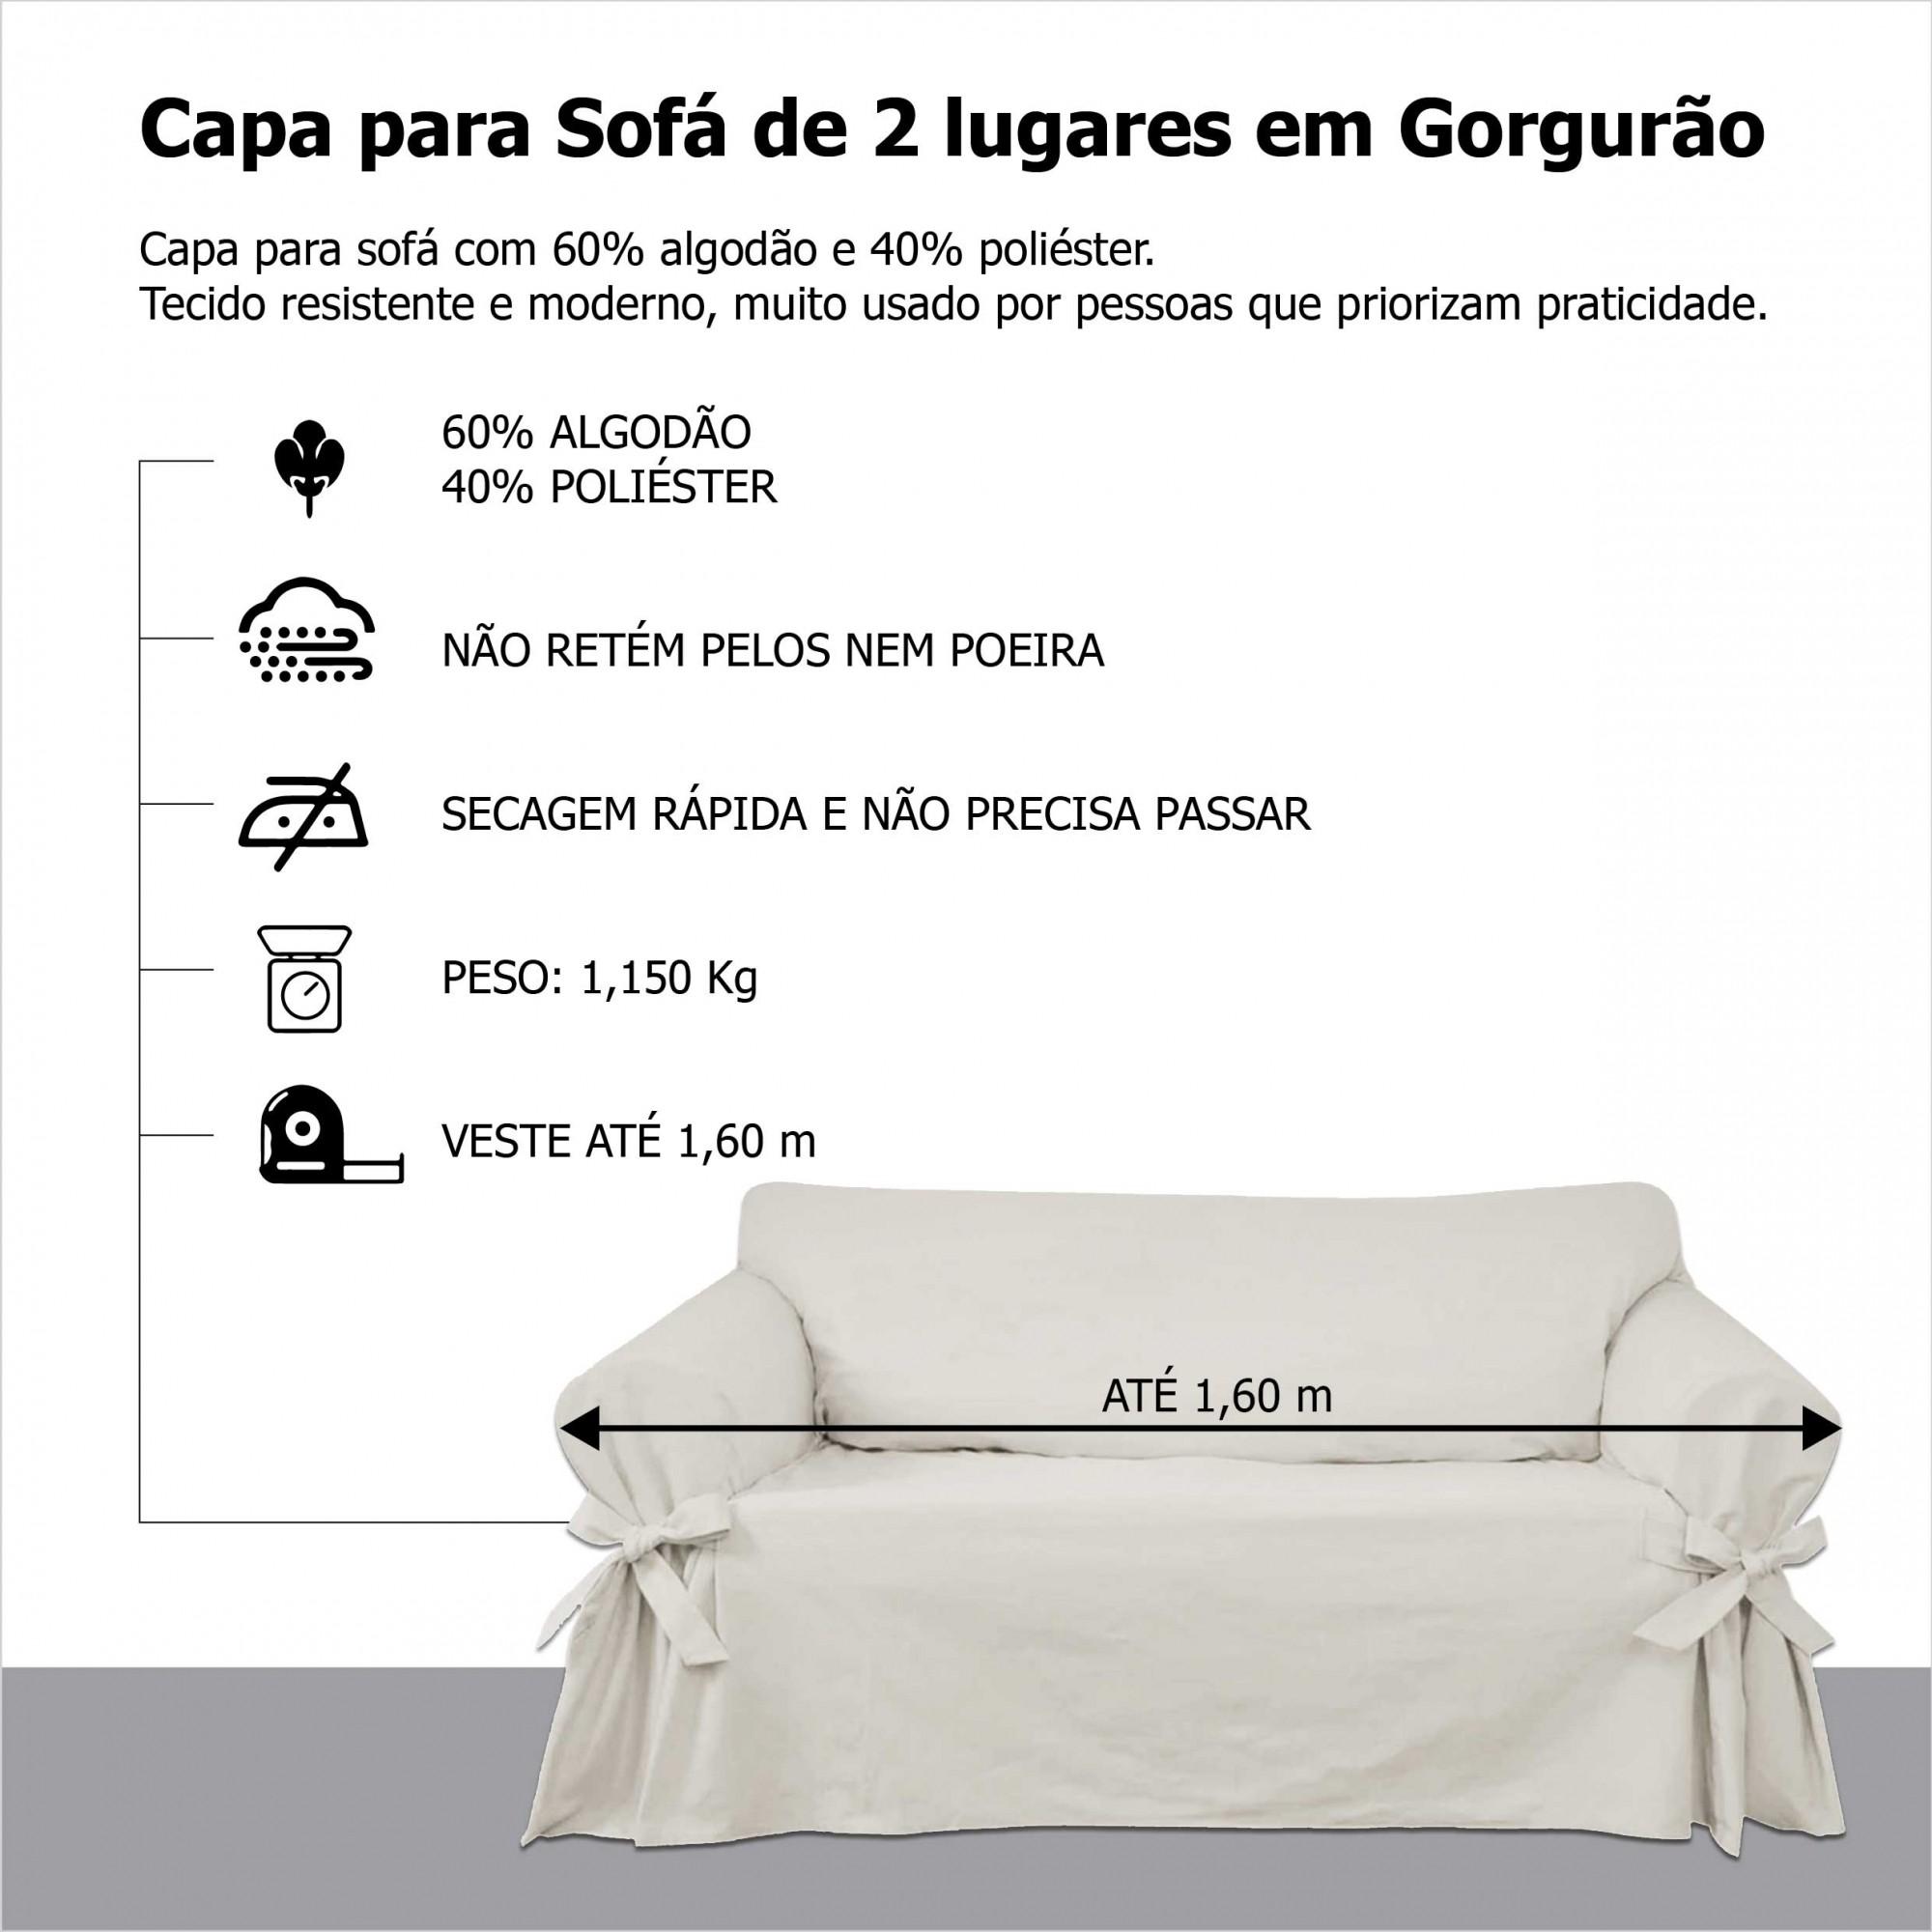 Kit 2 Capas p/ Sofá 2 e 3 lugs CRUA em Gorgurão